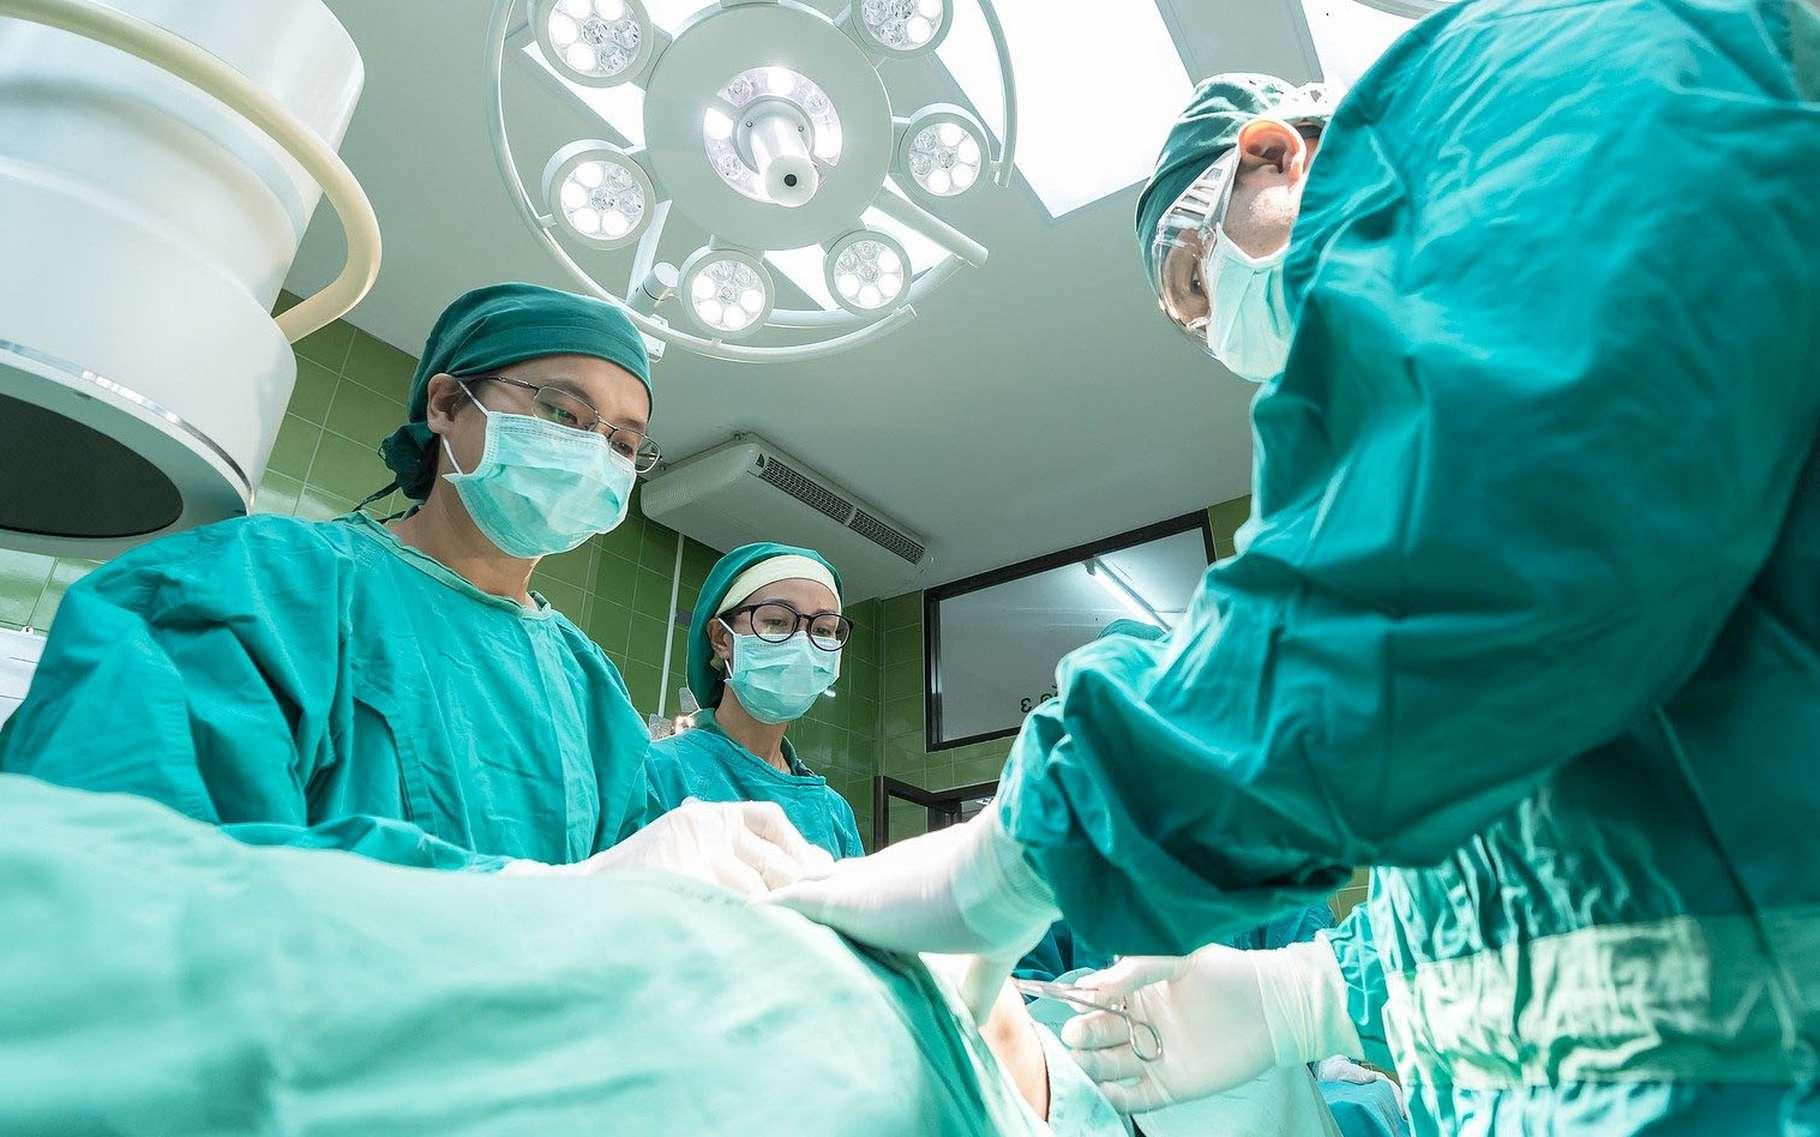 Les labiaplasties font aujourd'hui l'objet d'opération fréquentes. © Sasint, Pixabay, DP